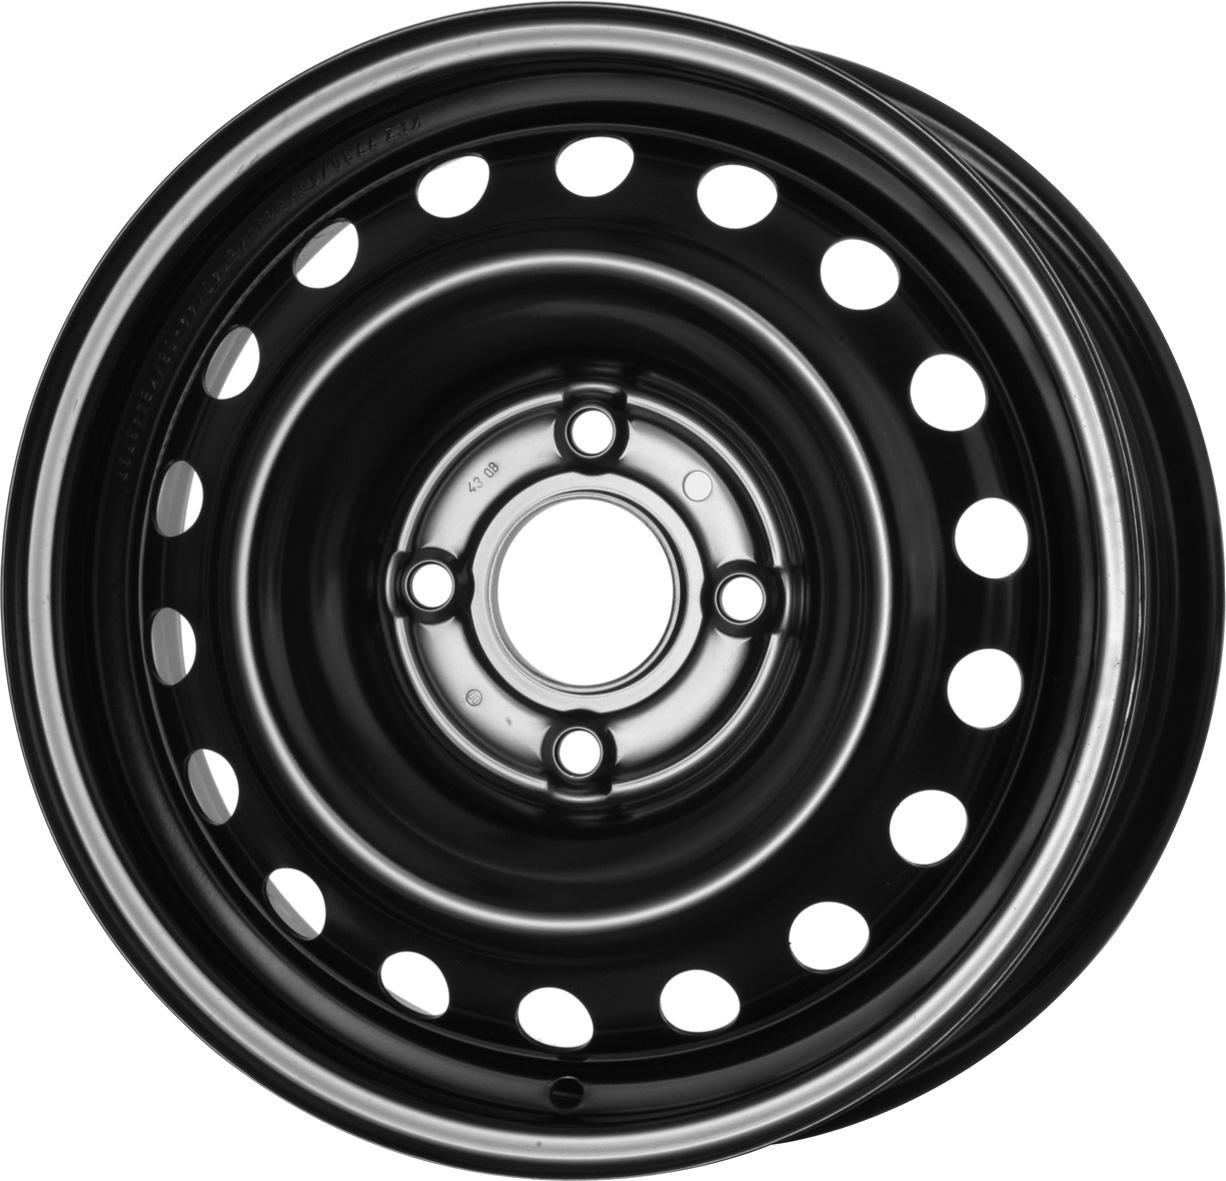 Stahlfelge 5.5x15 ET40 4x114.3 für Nissan Tiida 1.5 dCi ...